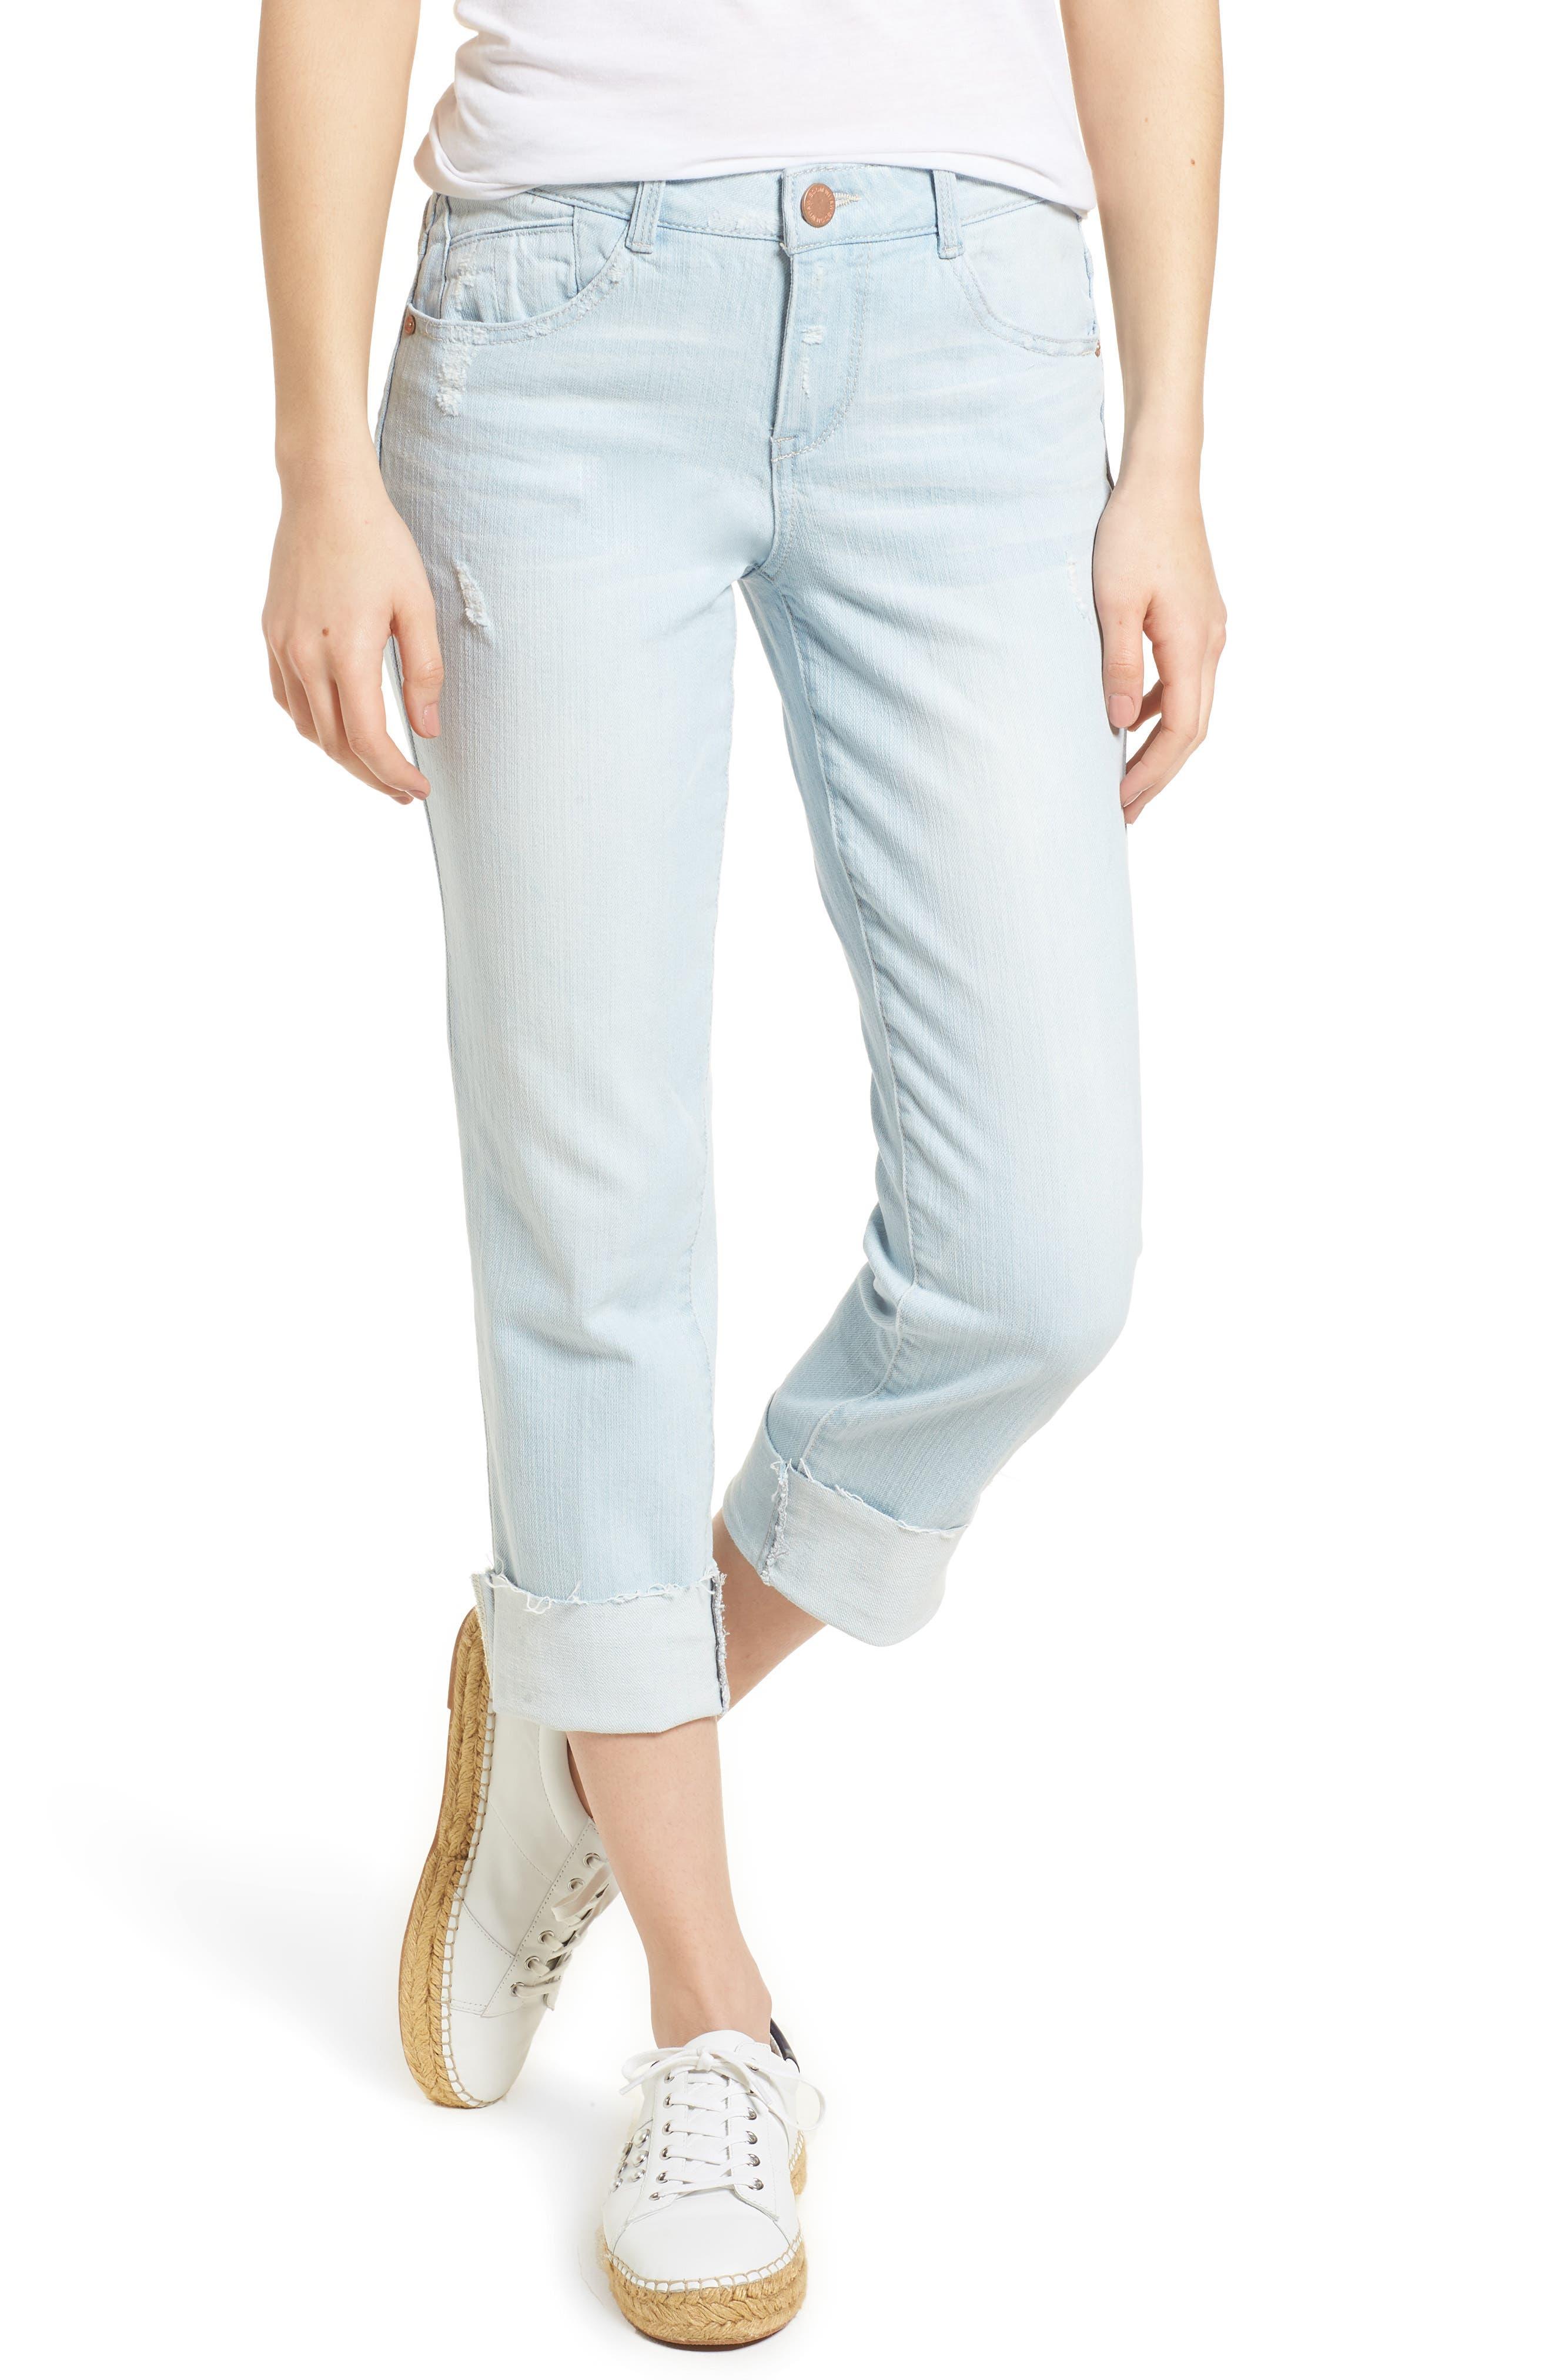 Wit & Wisdom Flex-ellent Distressed Boyfriend Jeans (Nordstrom Exclusive)